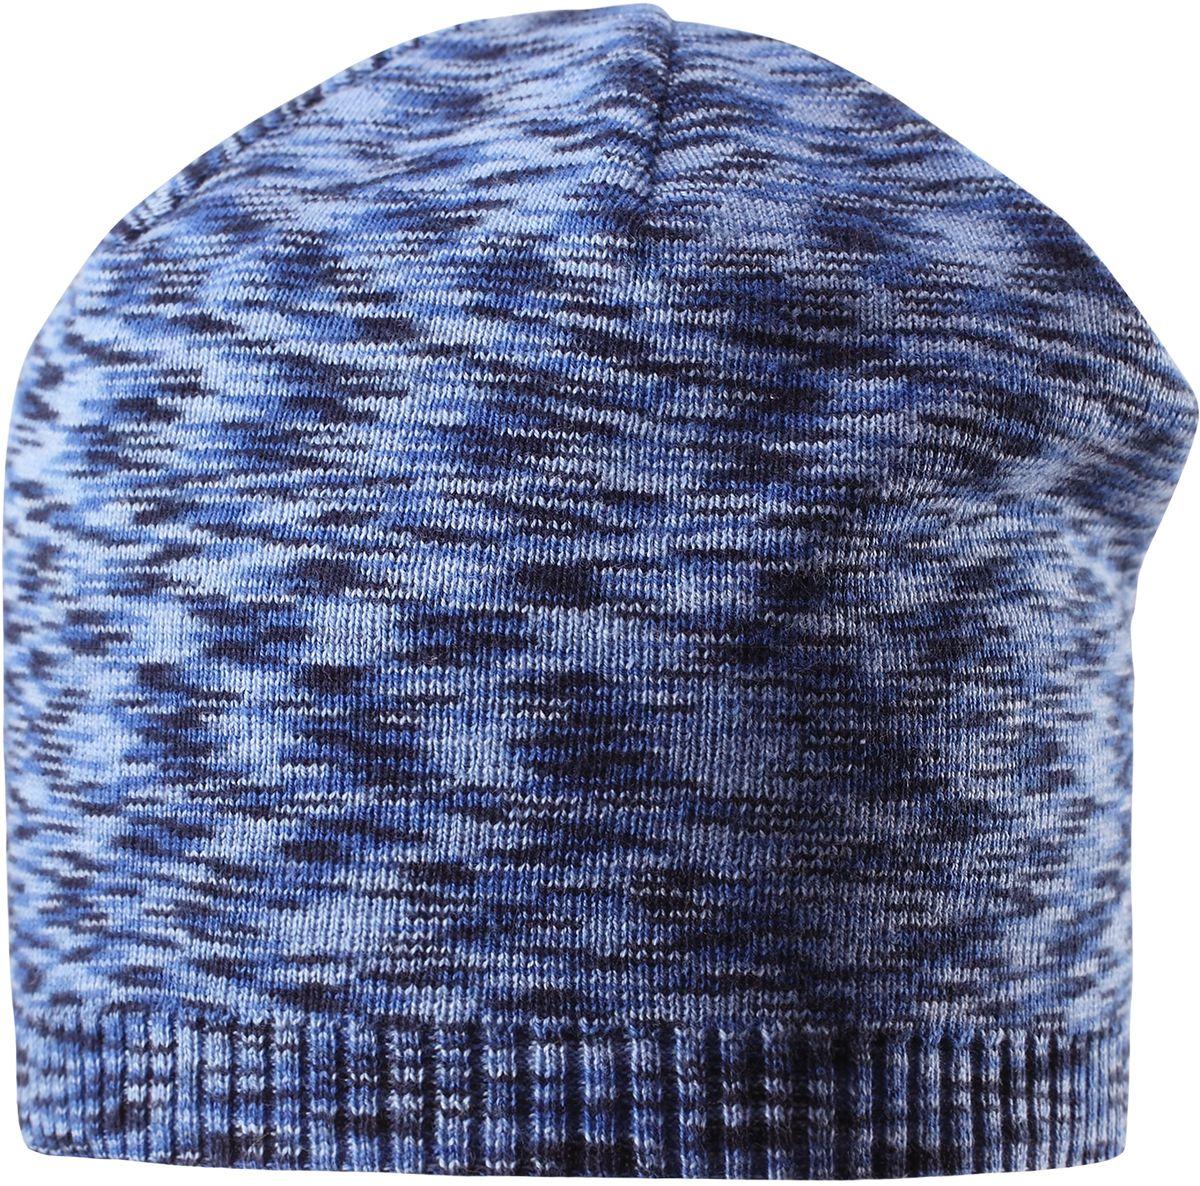 Шапка детская5285273360Стильная детская шапка прекрасно подойдет для весенней поры. Она изготовлена из эластичного и легкого вязаного хлопка, мягкого и приятного на ощупь. Материал сертифицирован по стандарту Oeko-Tex. Удлиненная, облегченная модель без подкладки.